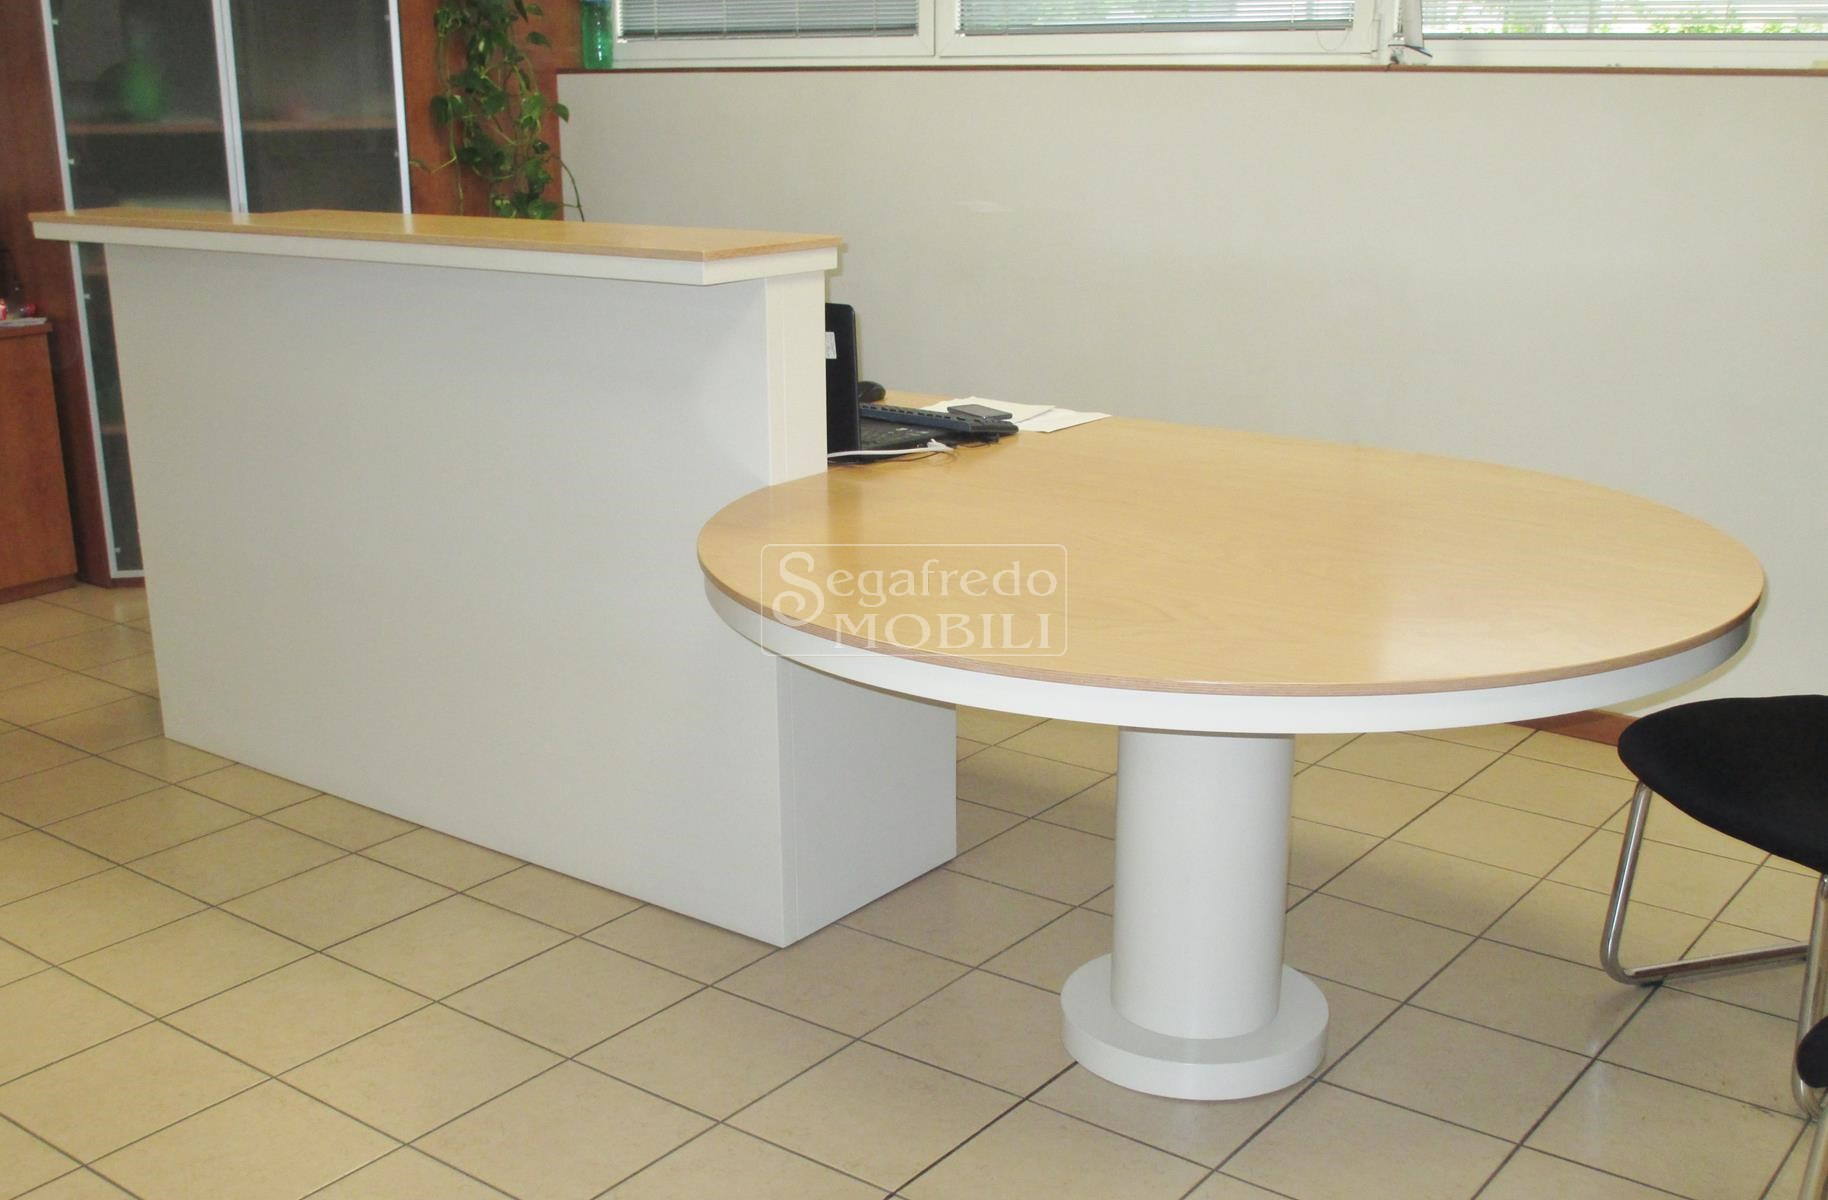 Mobili per ufficio occasioni design casa creativa e mobili ispiratori - Mobili design occasioni ...